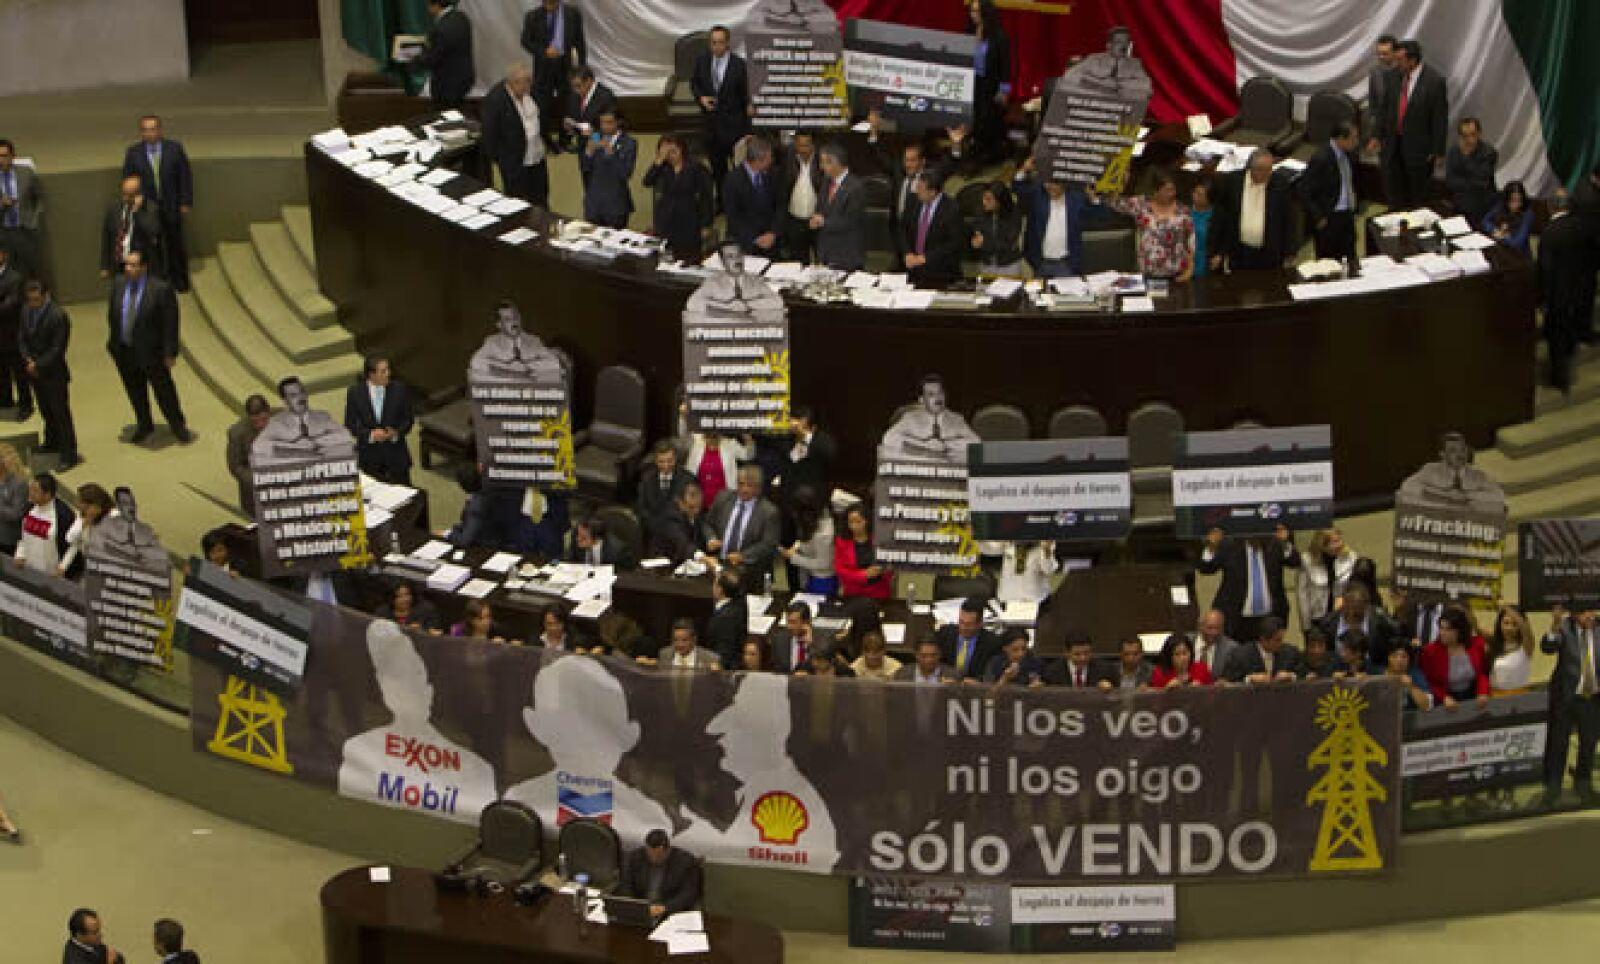 Los legisladores del PRD colocaron una tribuna con la frase 'Ni los veo ni los oigo', atribuida al expresidente Carlos Salinas, y las siluetas en alusión a empresas extranjeras de energía.